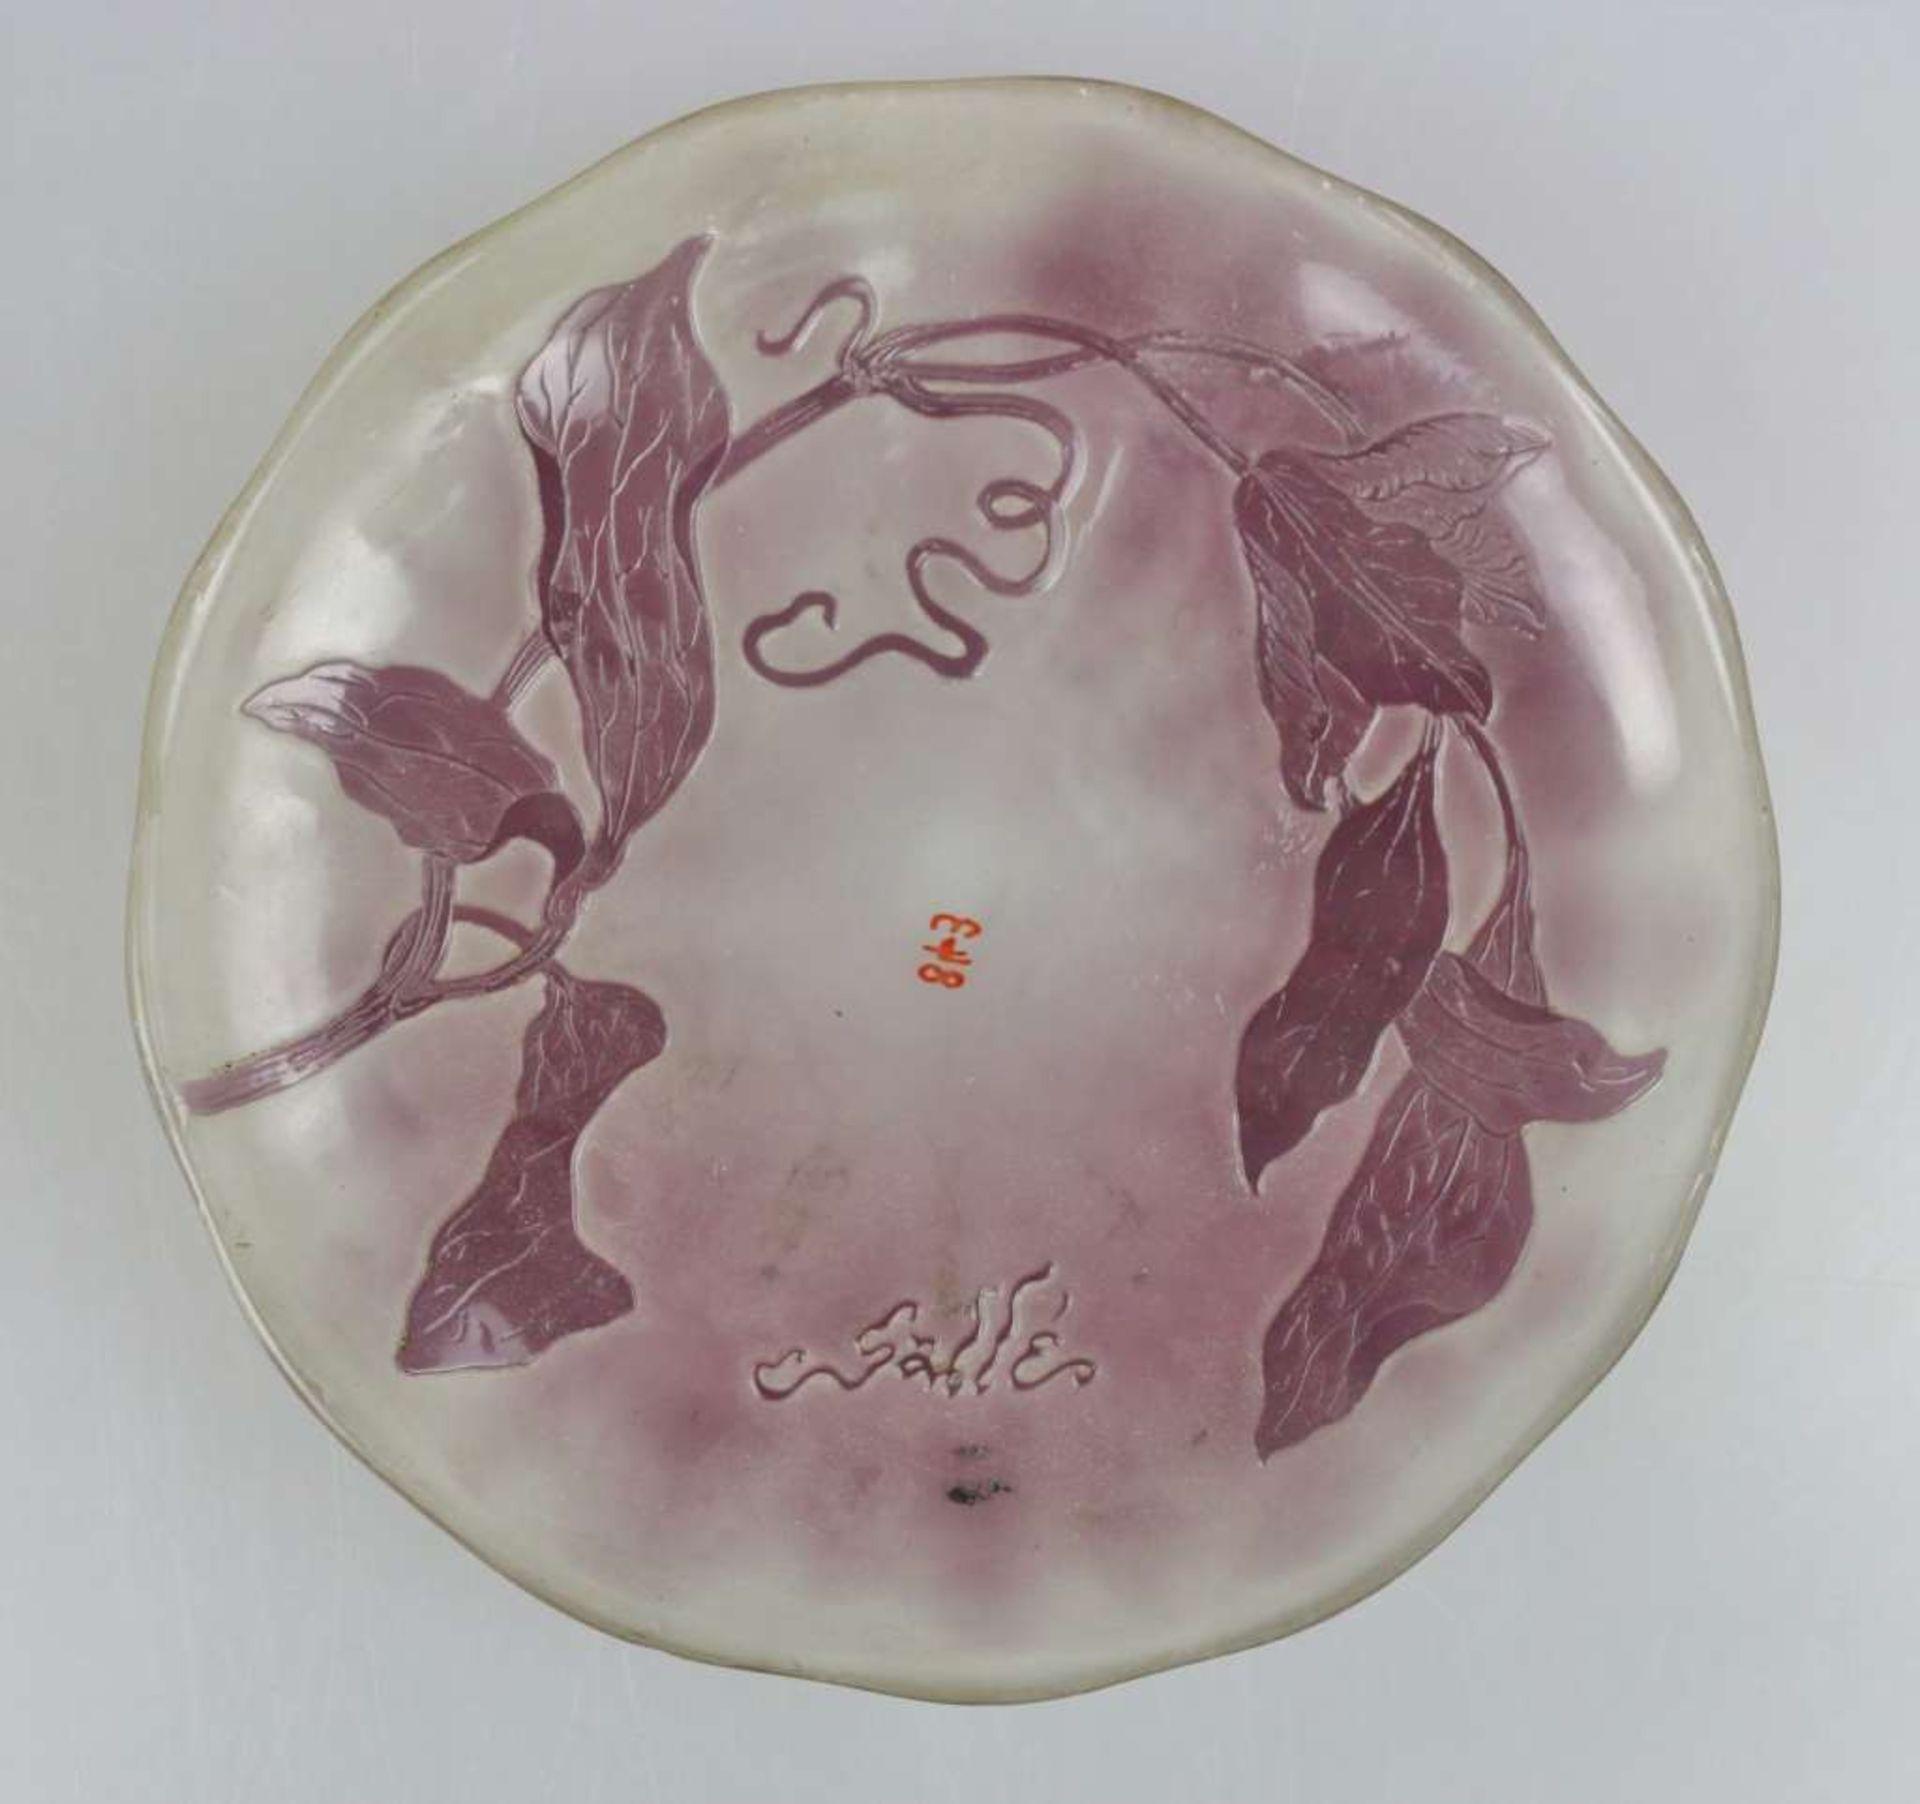 Gallé Set: Flache Schale, weißes Glas, violett überfangen, geätzt und poliert, runde Form m - Bild 4 aus 4